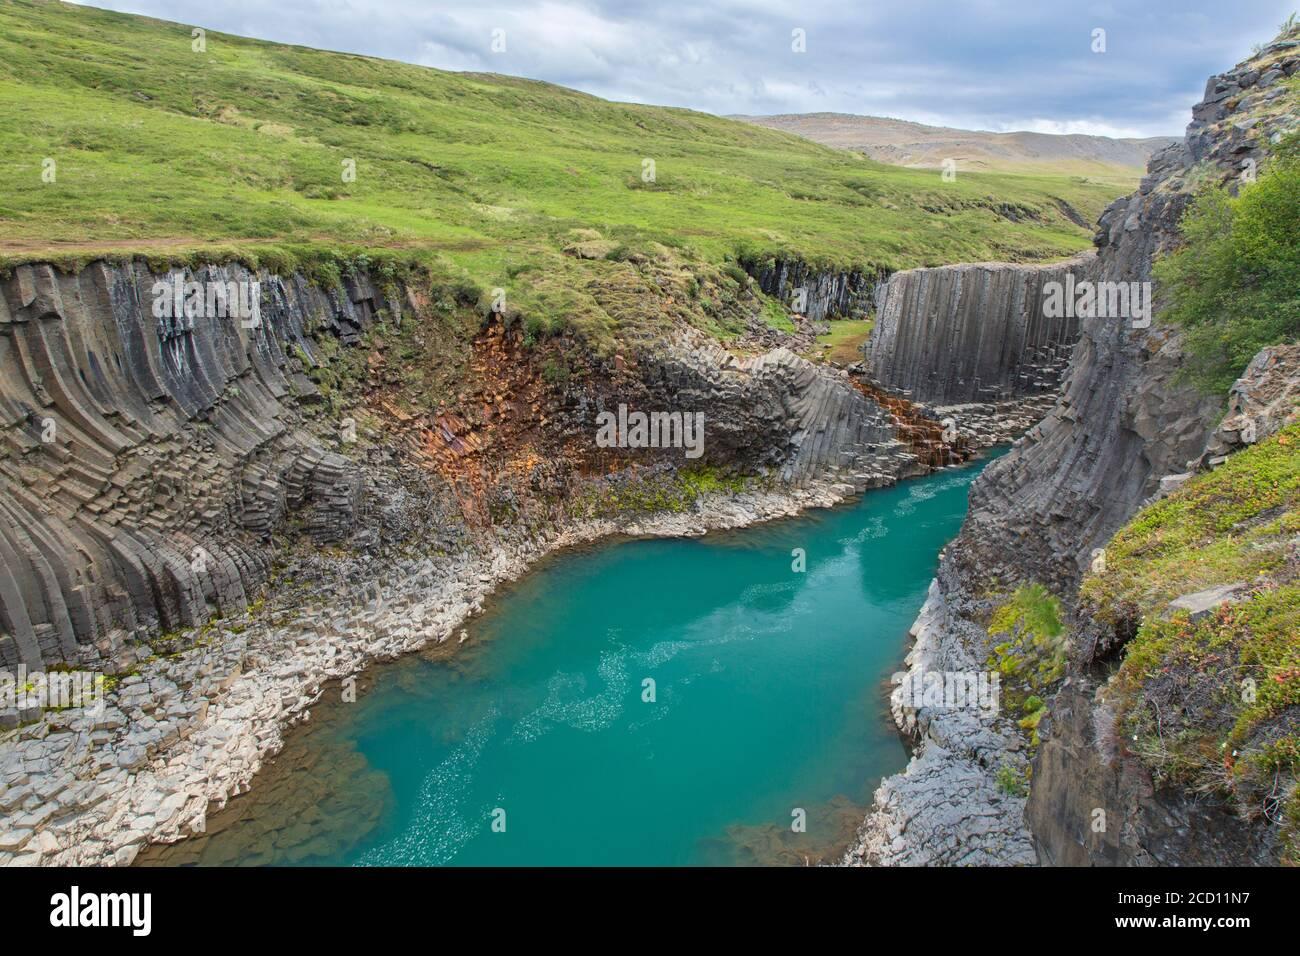 Río glaciar Jökla y columnas de basalto, formaciones rocosas volcánicas en Studlagil / Cañón Stuðlagil, Jökuldalur / Valle del Glaciar, Austrurland, Islandia Foto de stock